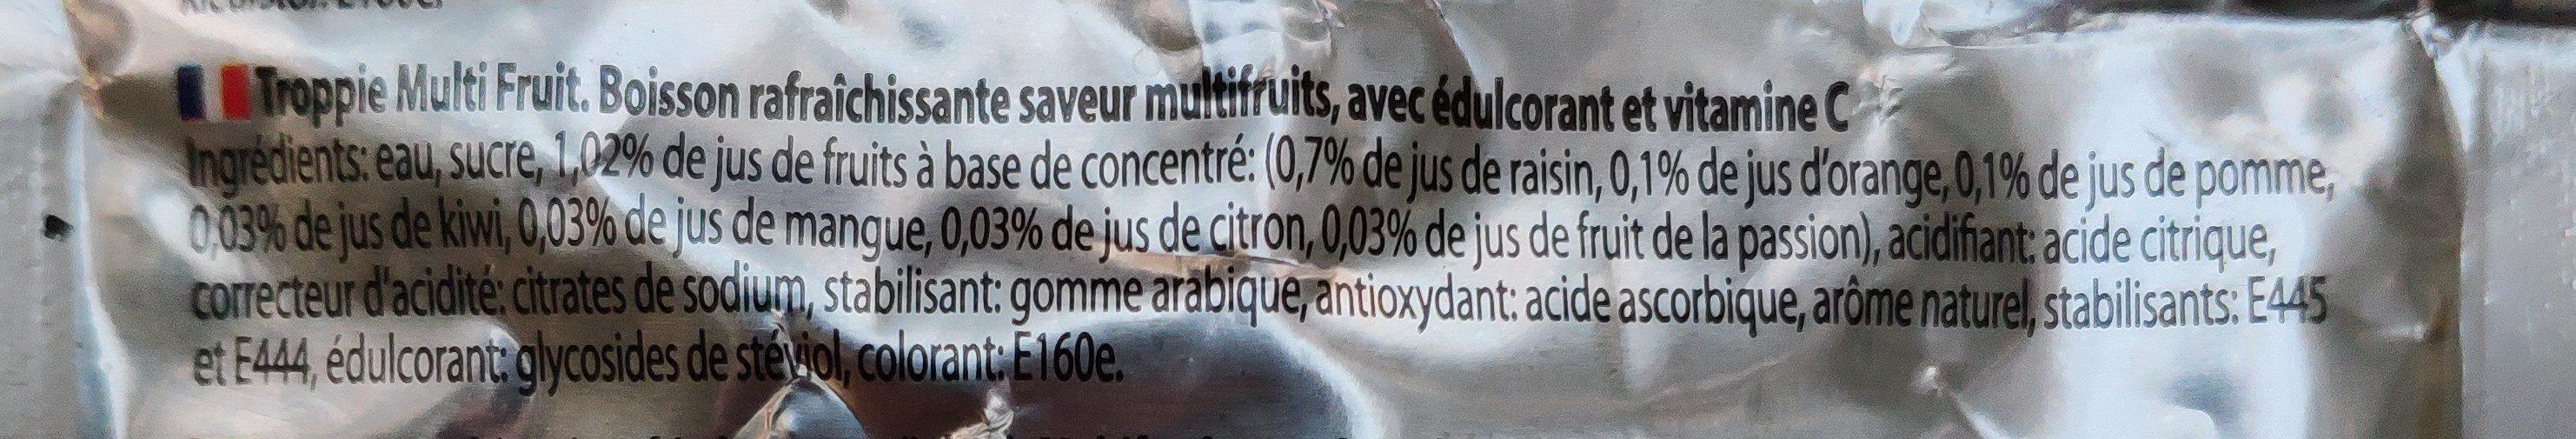 Multifruit - Ingrediënten